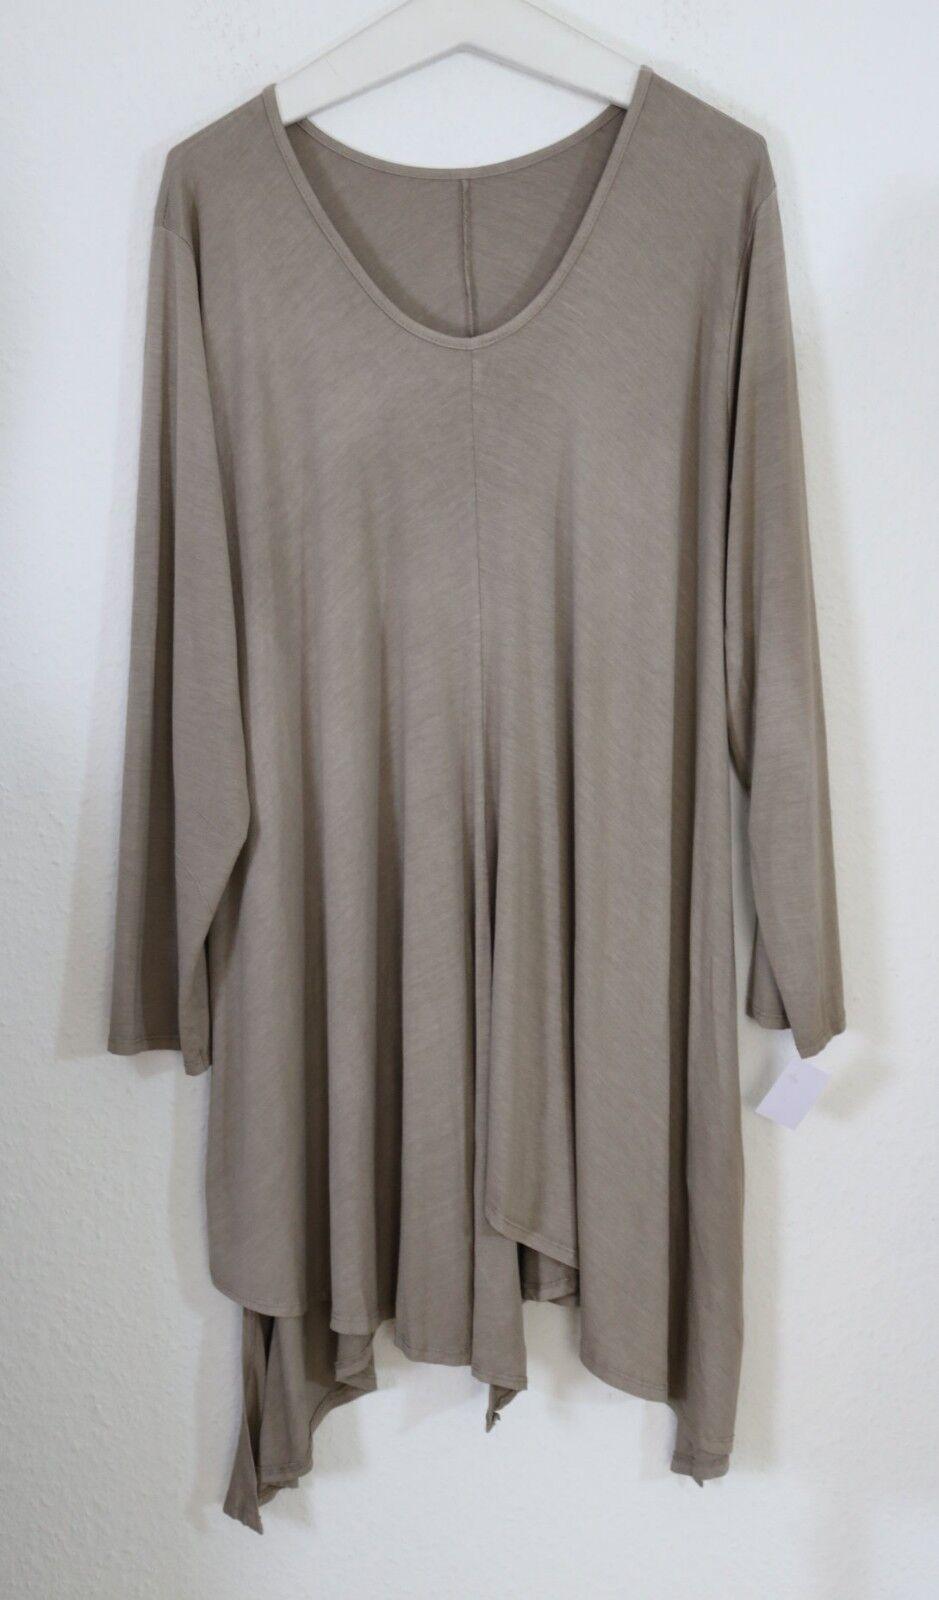 Moonshine Fashion LAGENLOOK Zipfel Long Tunika Kleid EG 48 48 48 50 52  XL-XXL NEU | Up-to-date-styling  | Düsseldorf Eröffnung  | Primäre Qualität  681dd7